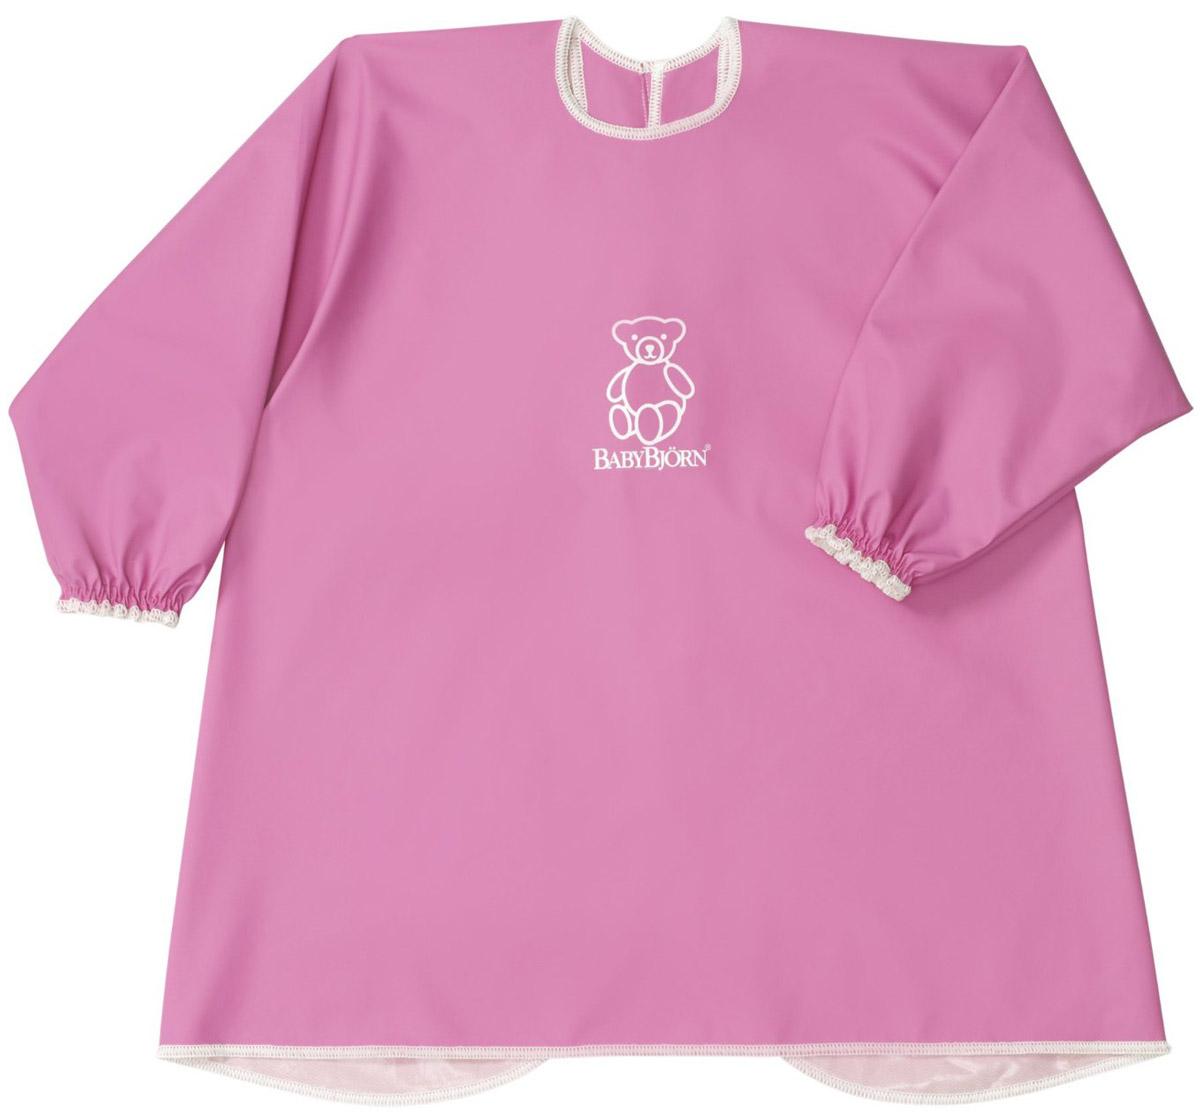 Эта мягкая и практичная рубашка надежно защитит одежду вашего ребенка. С удобными застежками-кнопками на спине и мягкими, эластичными манжетами, рубашка защищает одежду малыша сзади и спереди от воды, еды, красок и всего того, что можно пролить или от того, чем можно испачкаться. Попробовав один раз, вы уже не сможете представить себе, как вы без нее обходились. Разрешена машинная стирка. Безопасность материала, из которого изготовлена рубашка, подтверждается международным сертификатом Oko-Tex Class 1.